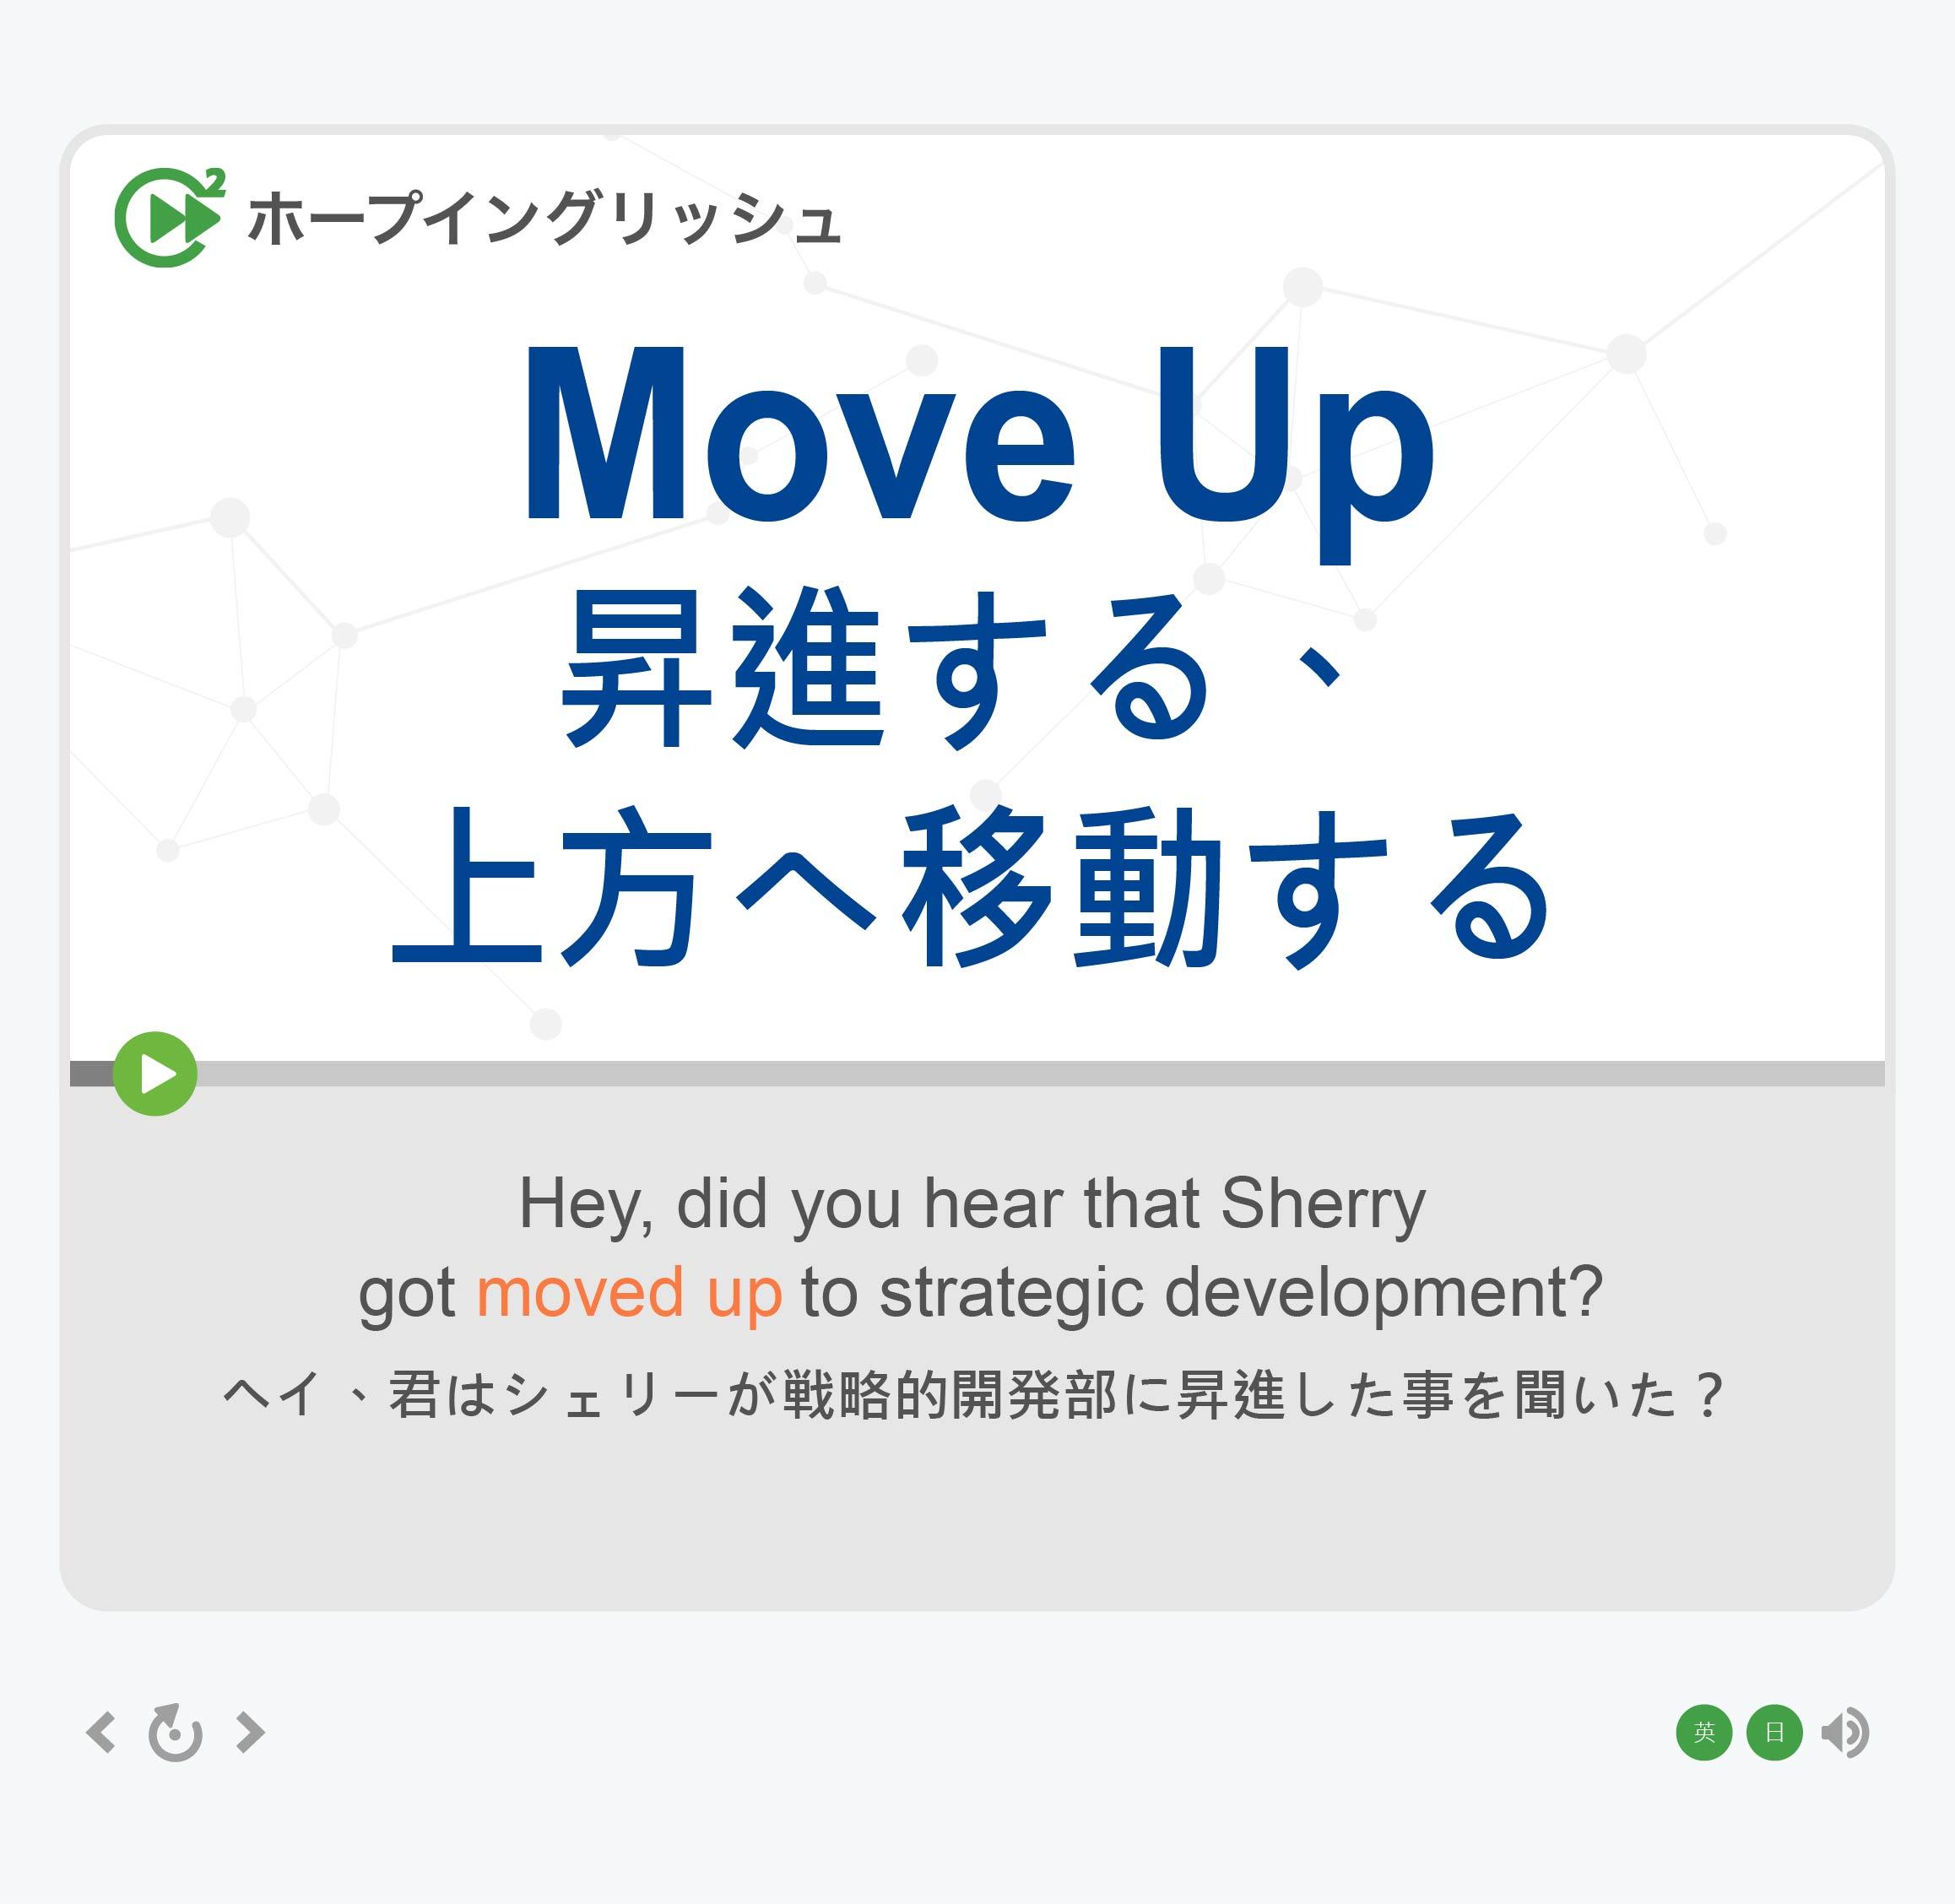 「昇進する、上方へ移動する」- Move Up